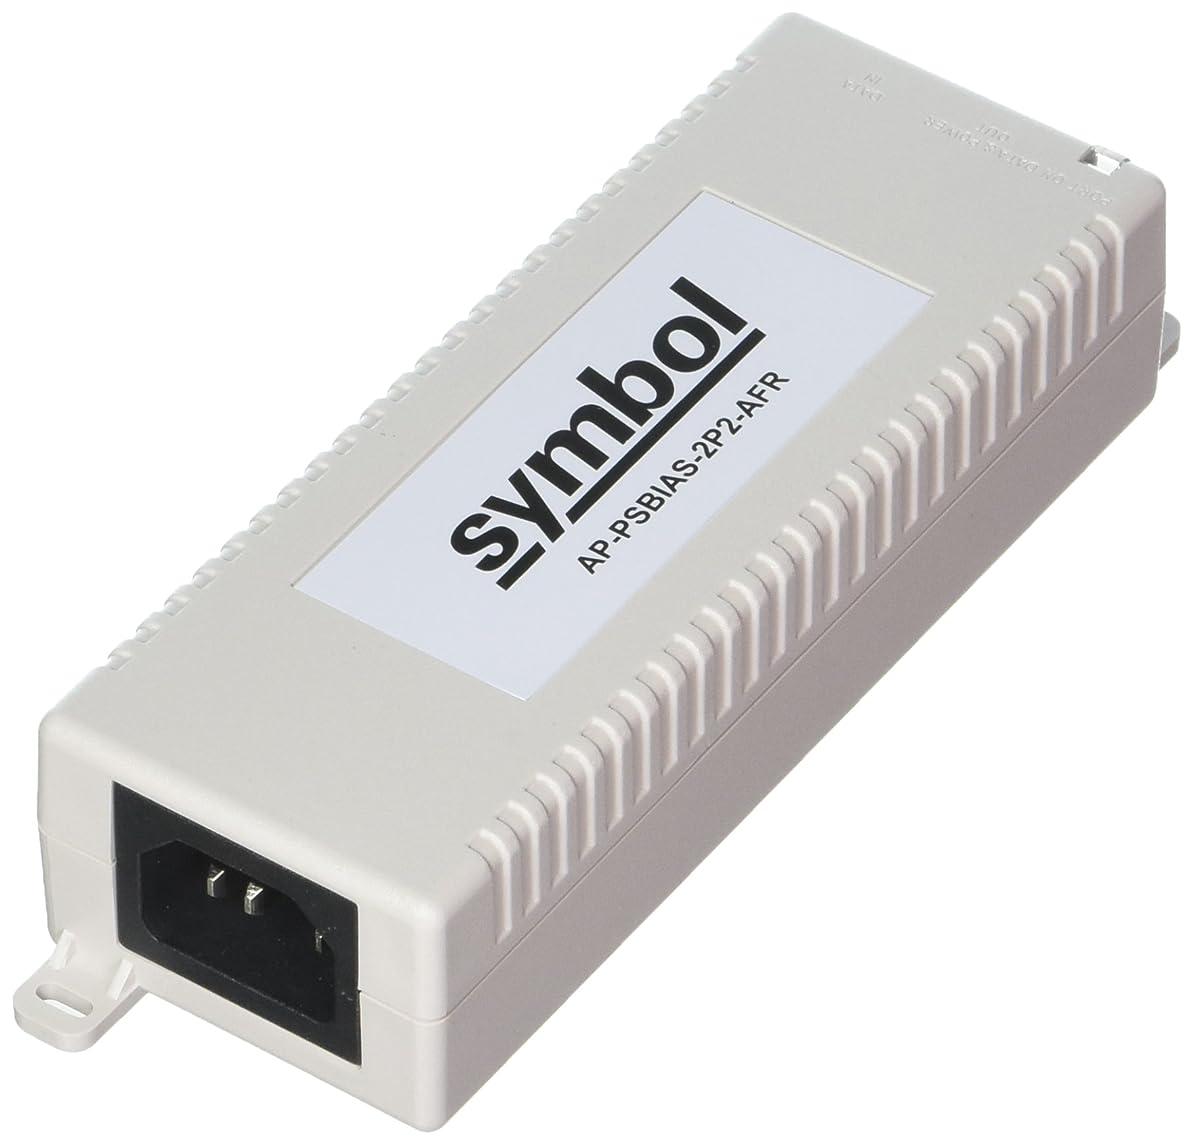 フルーツネックレットチャンバーExtreme Networks - PoE injector - for Motorola AP 51XX, AP 650, AP 65XX, MK500, RFS6000, WS 5100, Micro Kiosk MK500